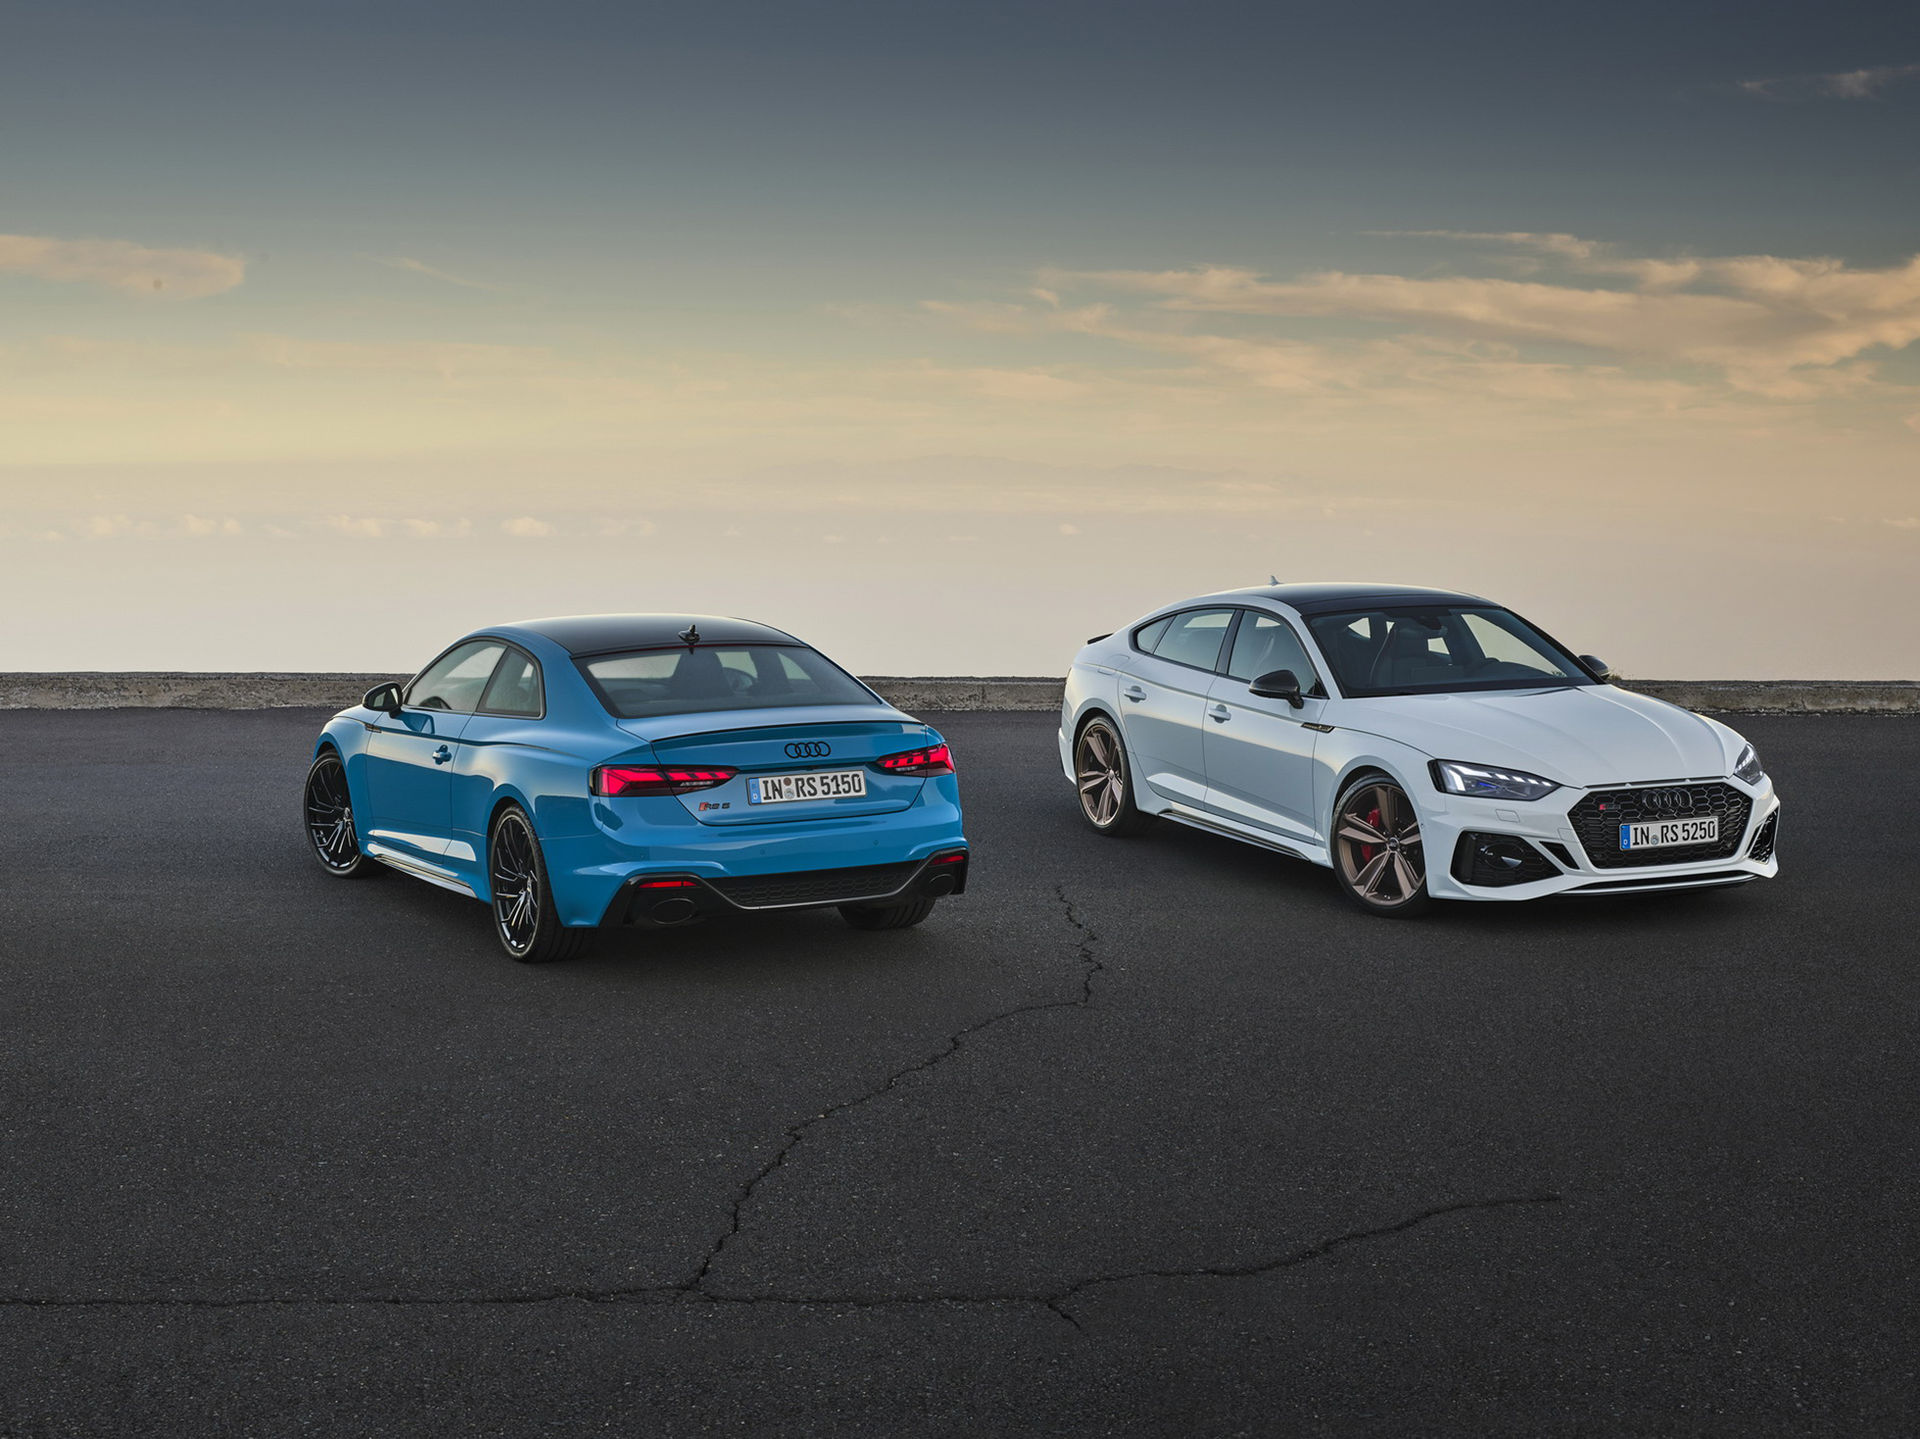 Audi lyfter RS5 Coupé och RS5 Sportback